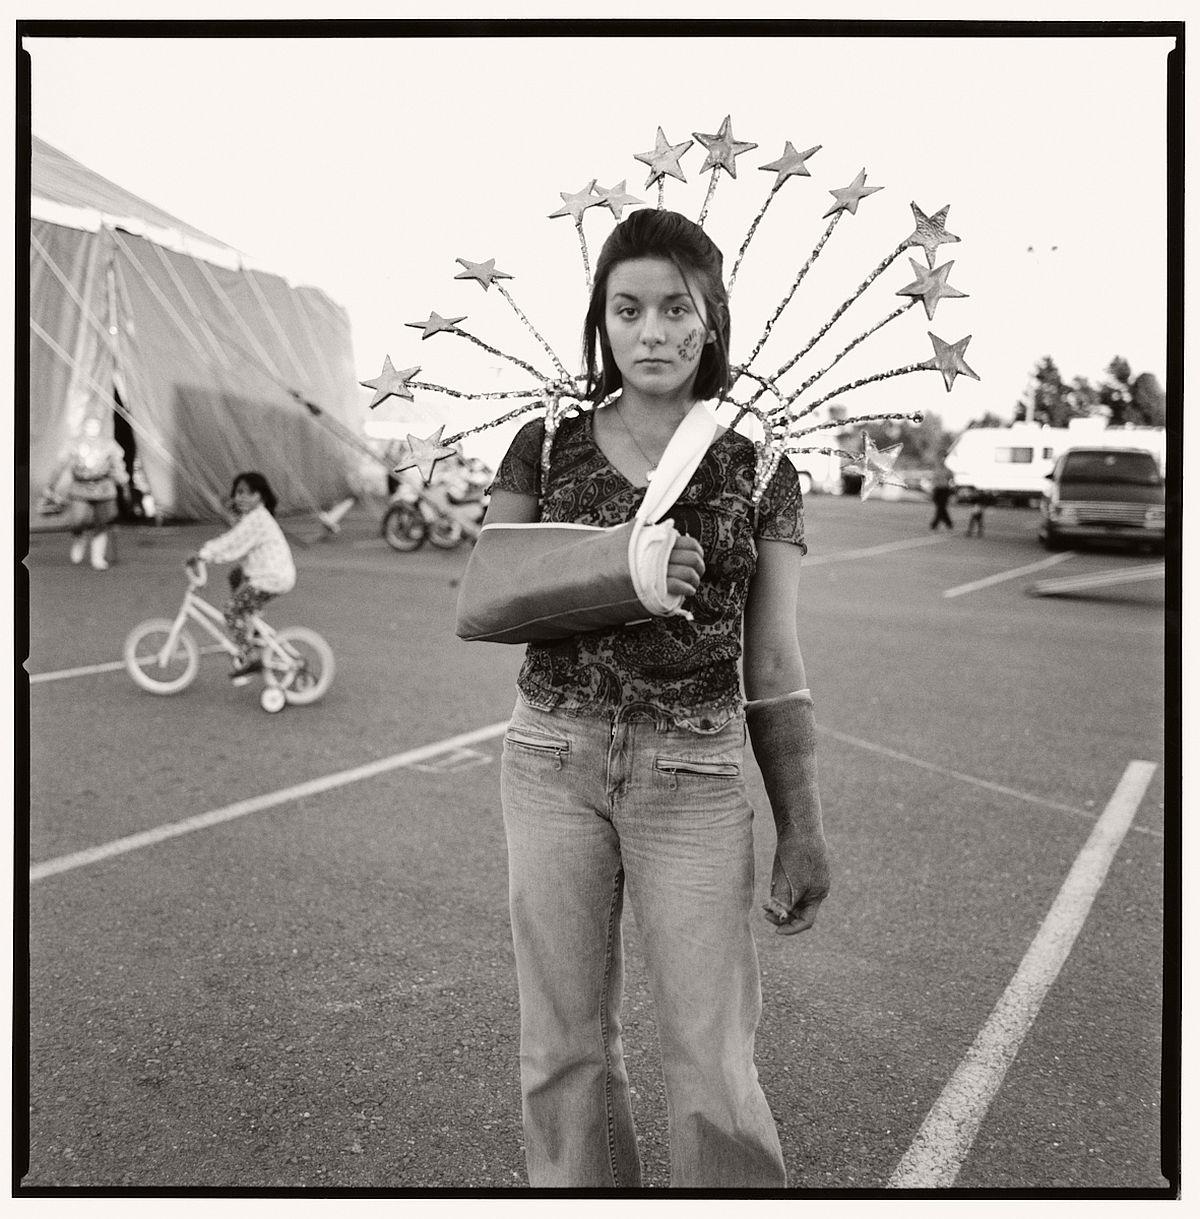 norma-i-quintana-portrait-circus-06